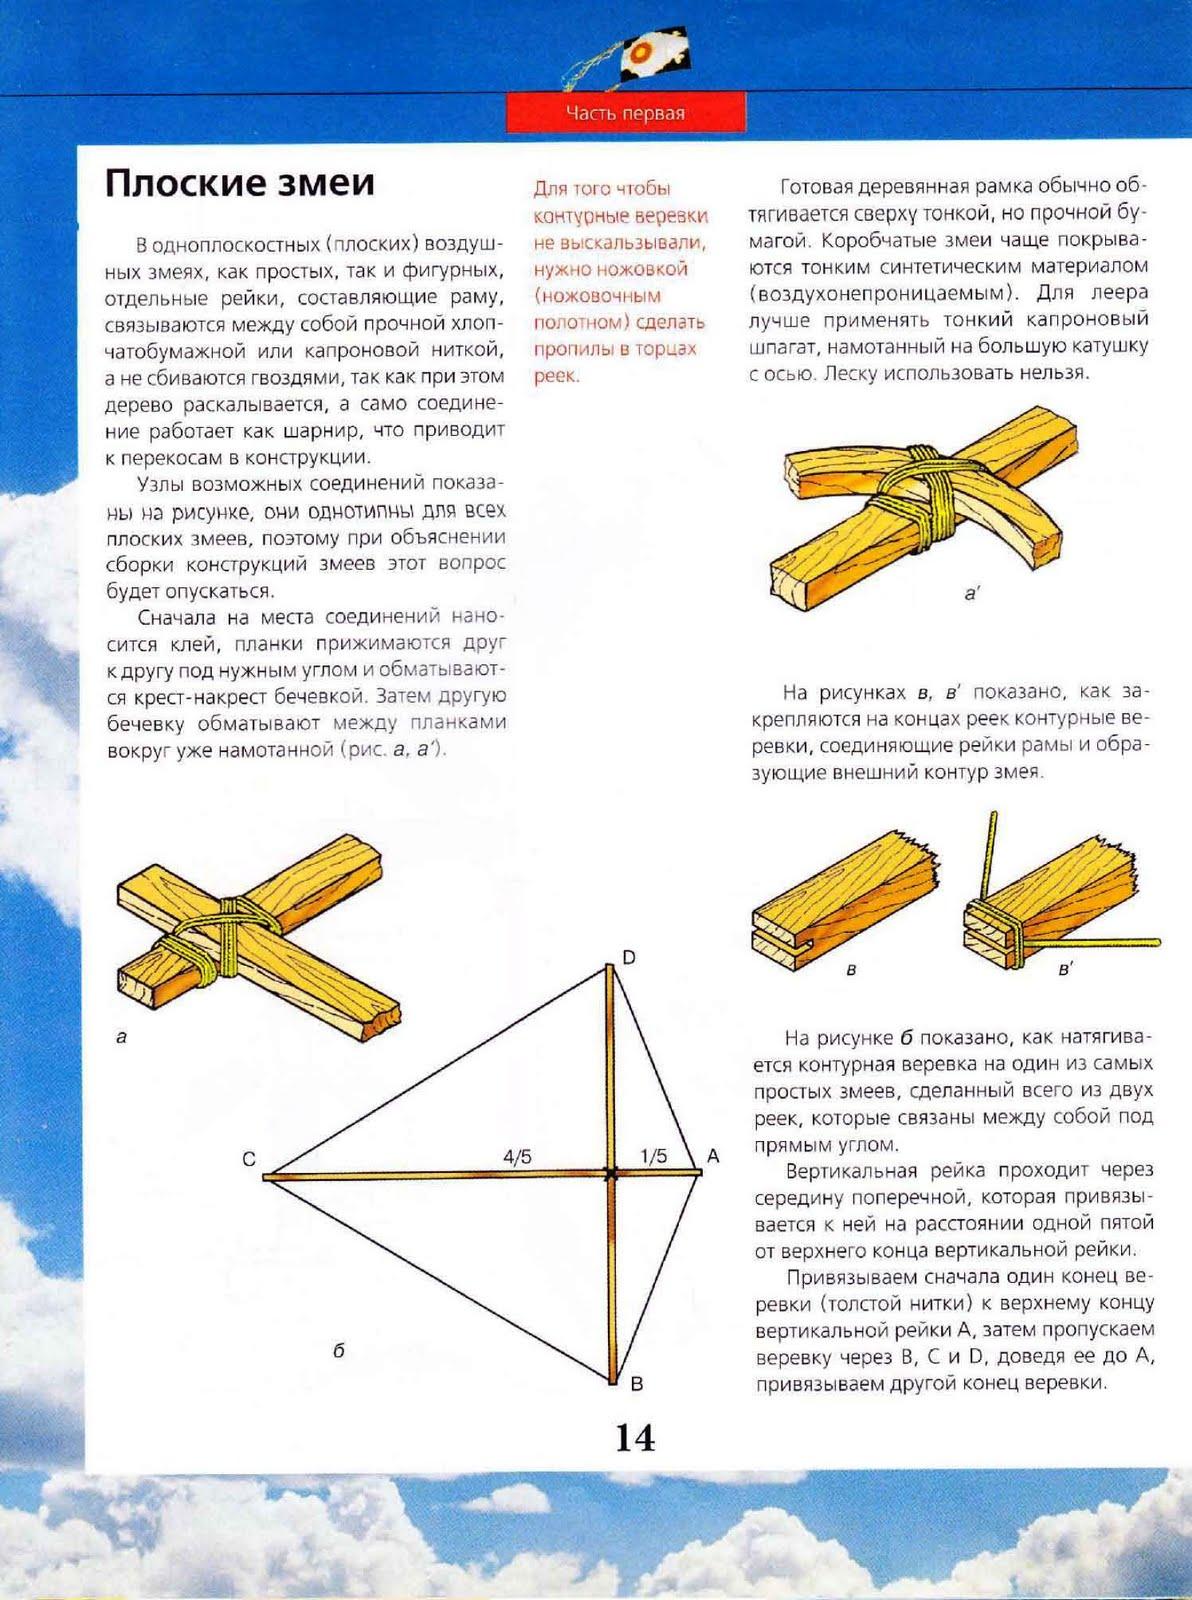 Как сделать воздушного змея? Инструкции, Схема, Фото 77